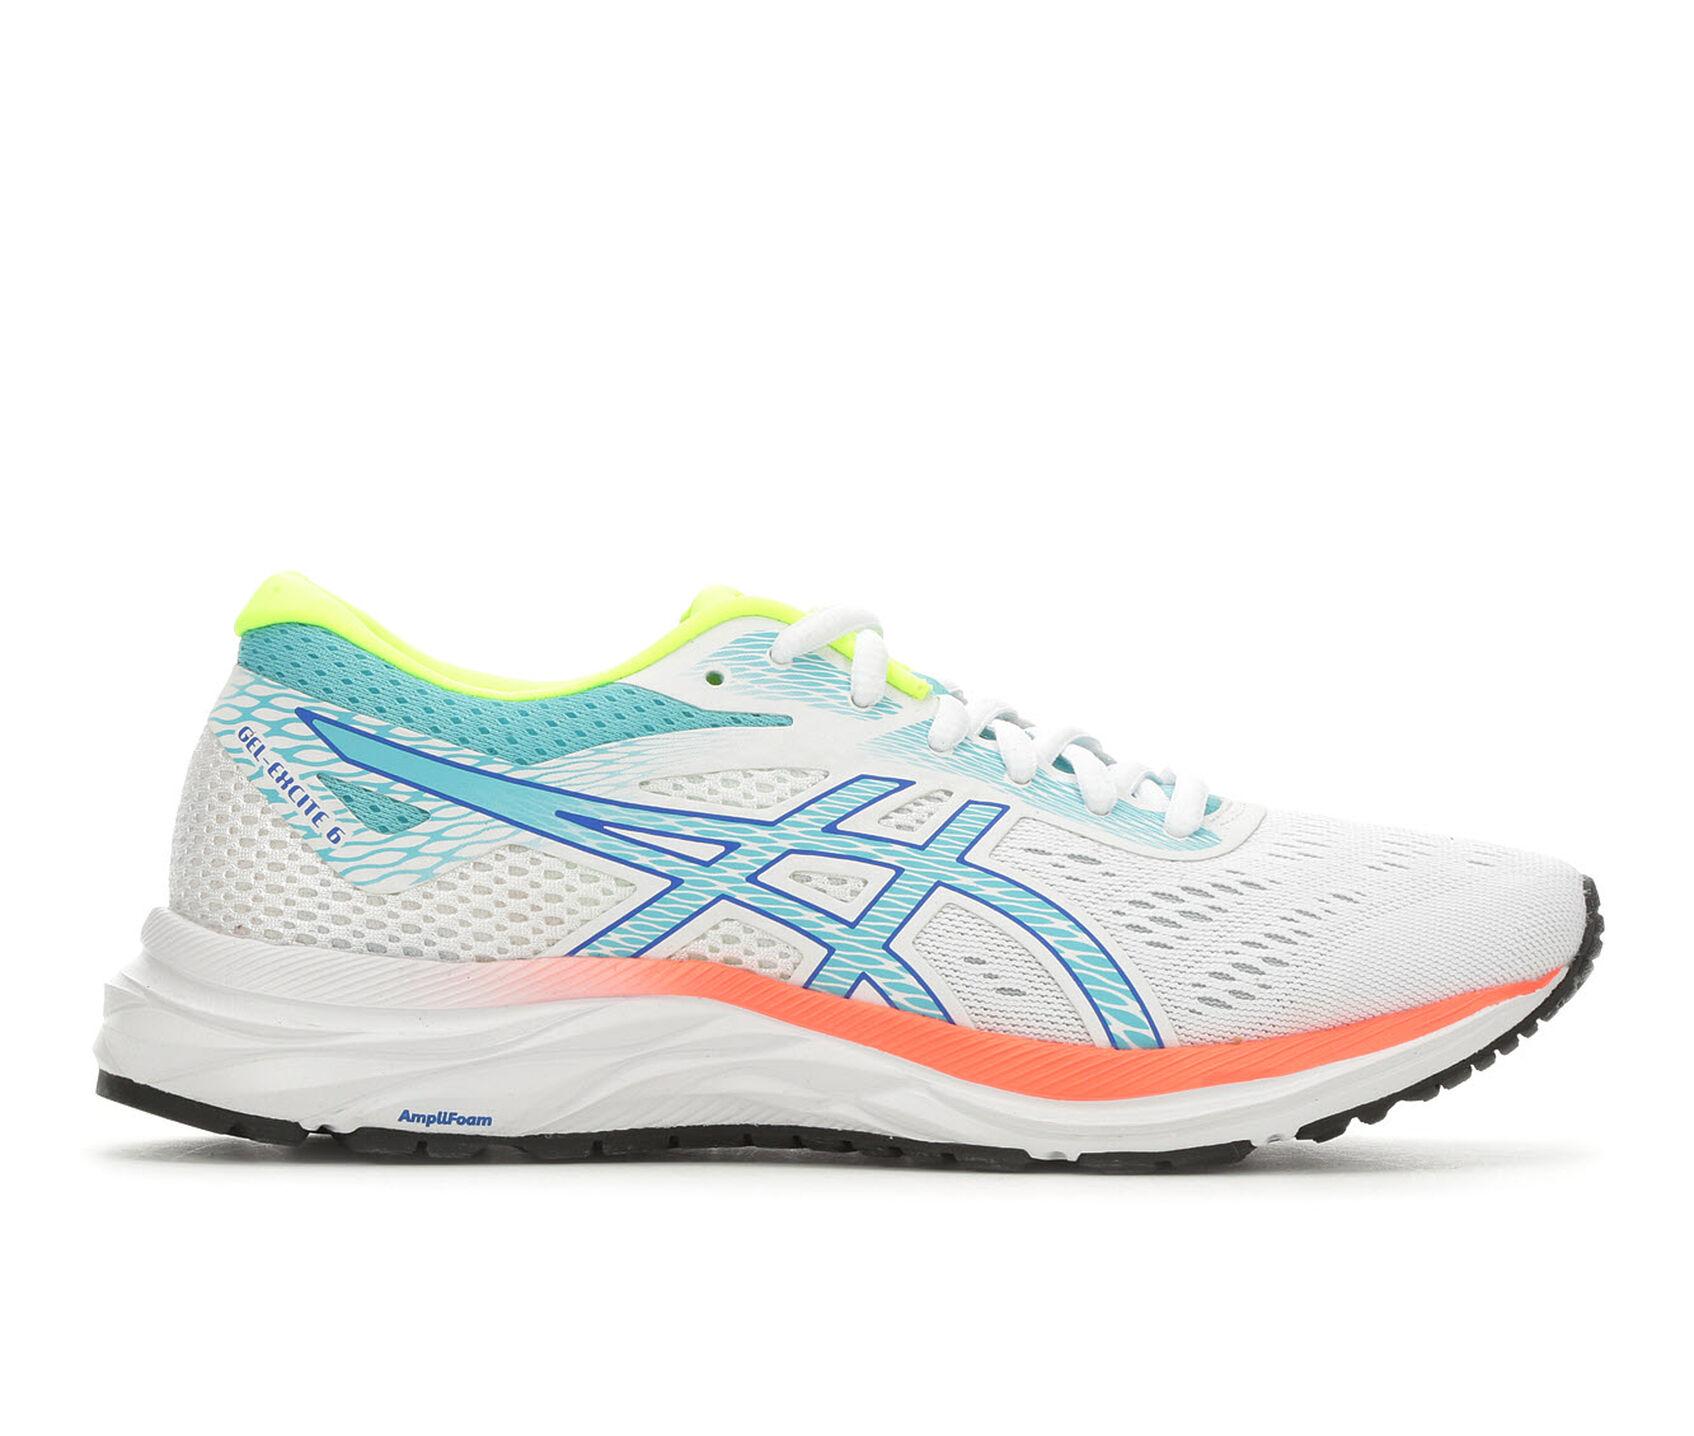 legjobb cipők USA olcsó eladó új hiteles Women's ASICS Gel Excite 6 SP Running Shoes